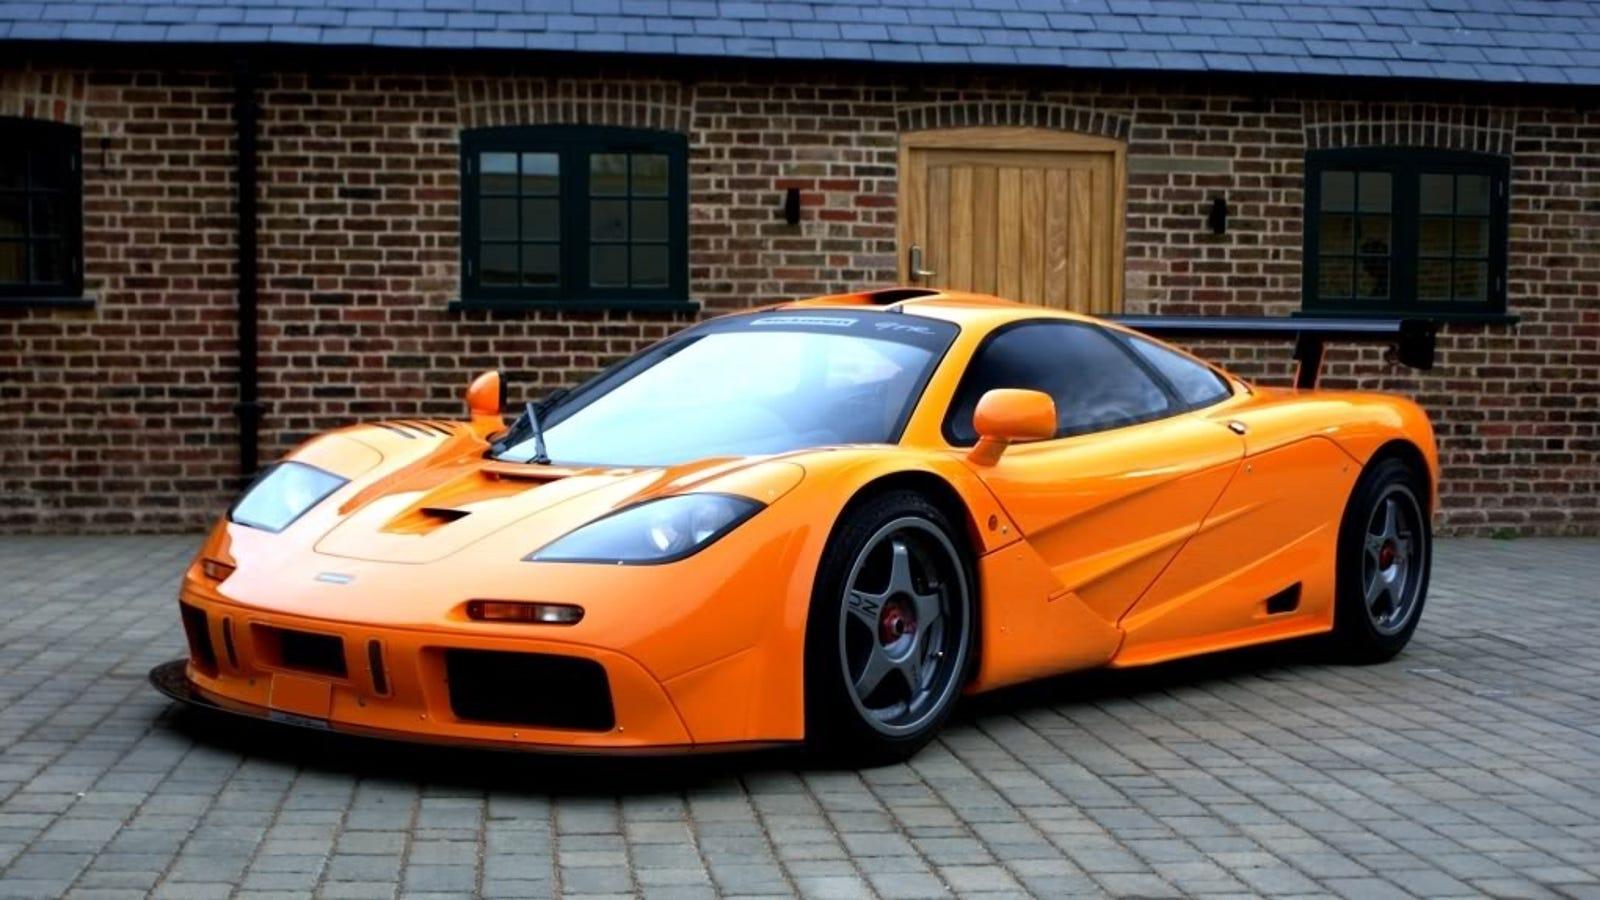 La genial (y corta) historia de por qué el McLaren F1 suena como suena